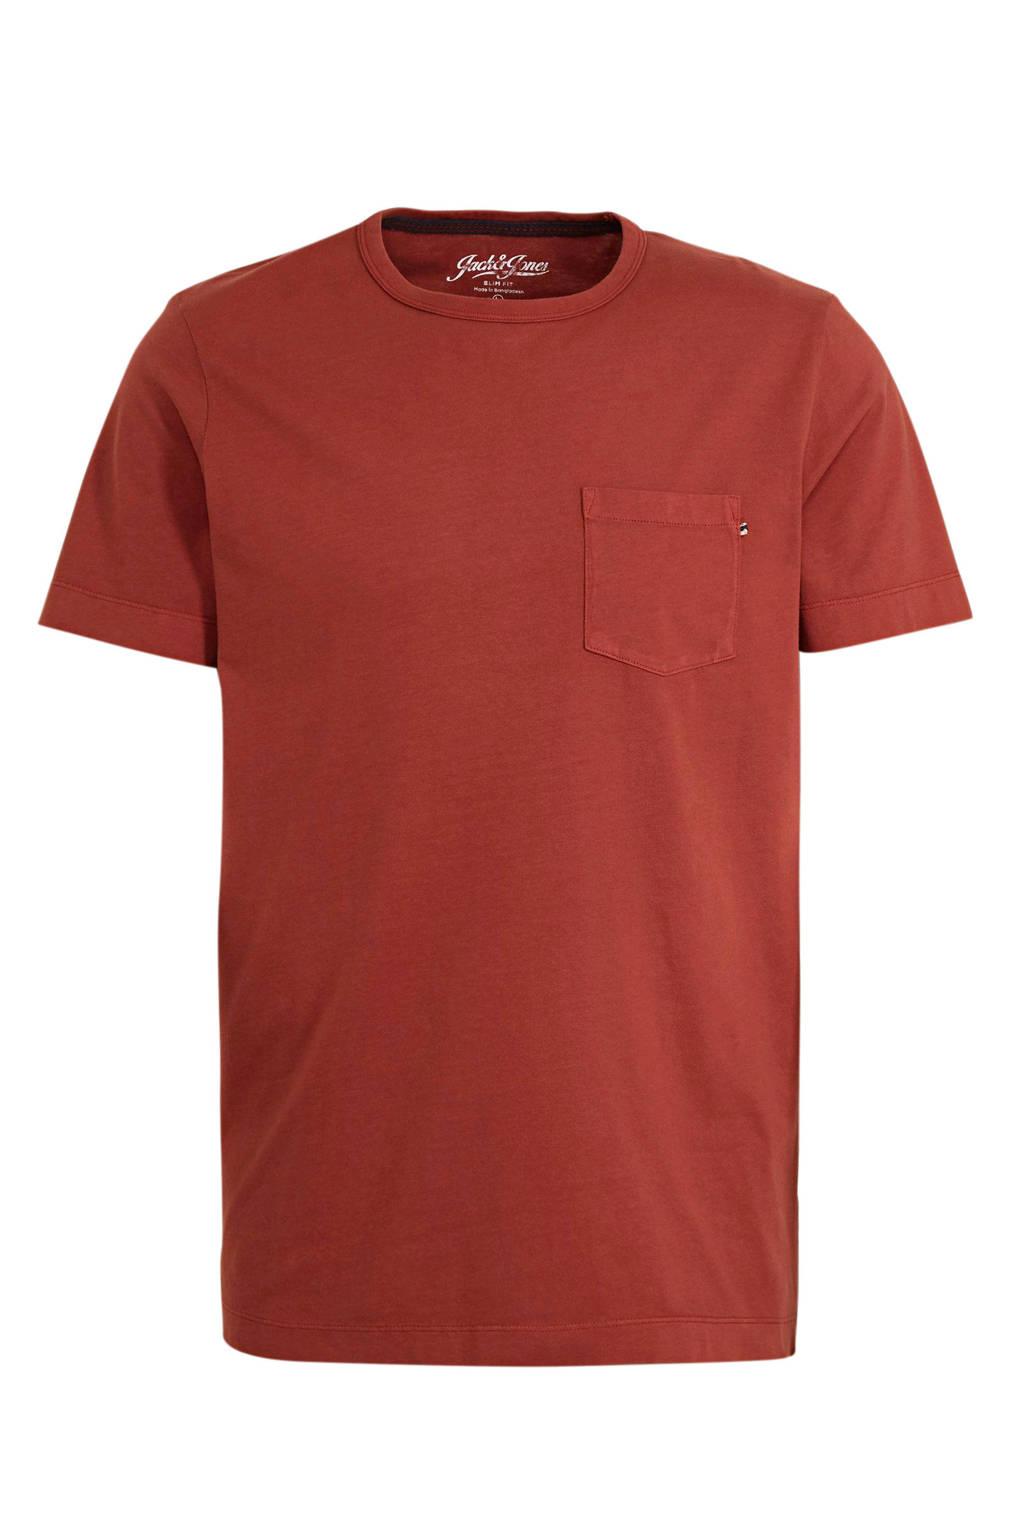 JACK & JONES ESSENTIALS T-shirt donkerrood, Donkerrood